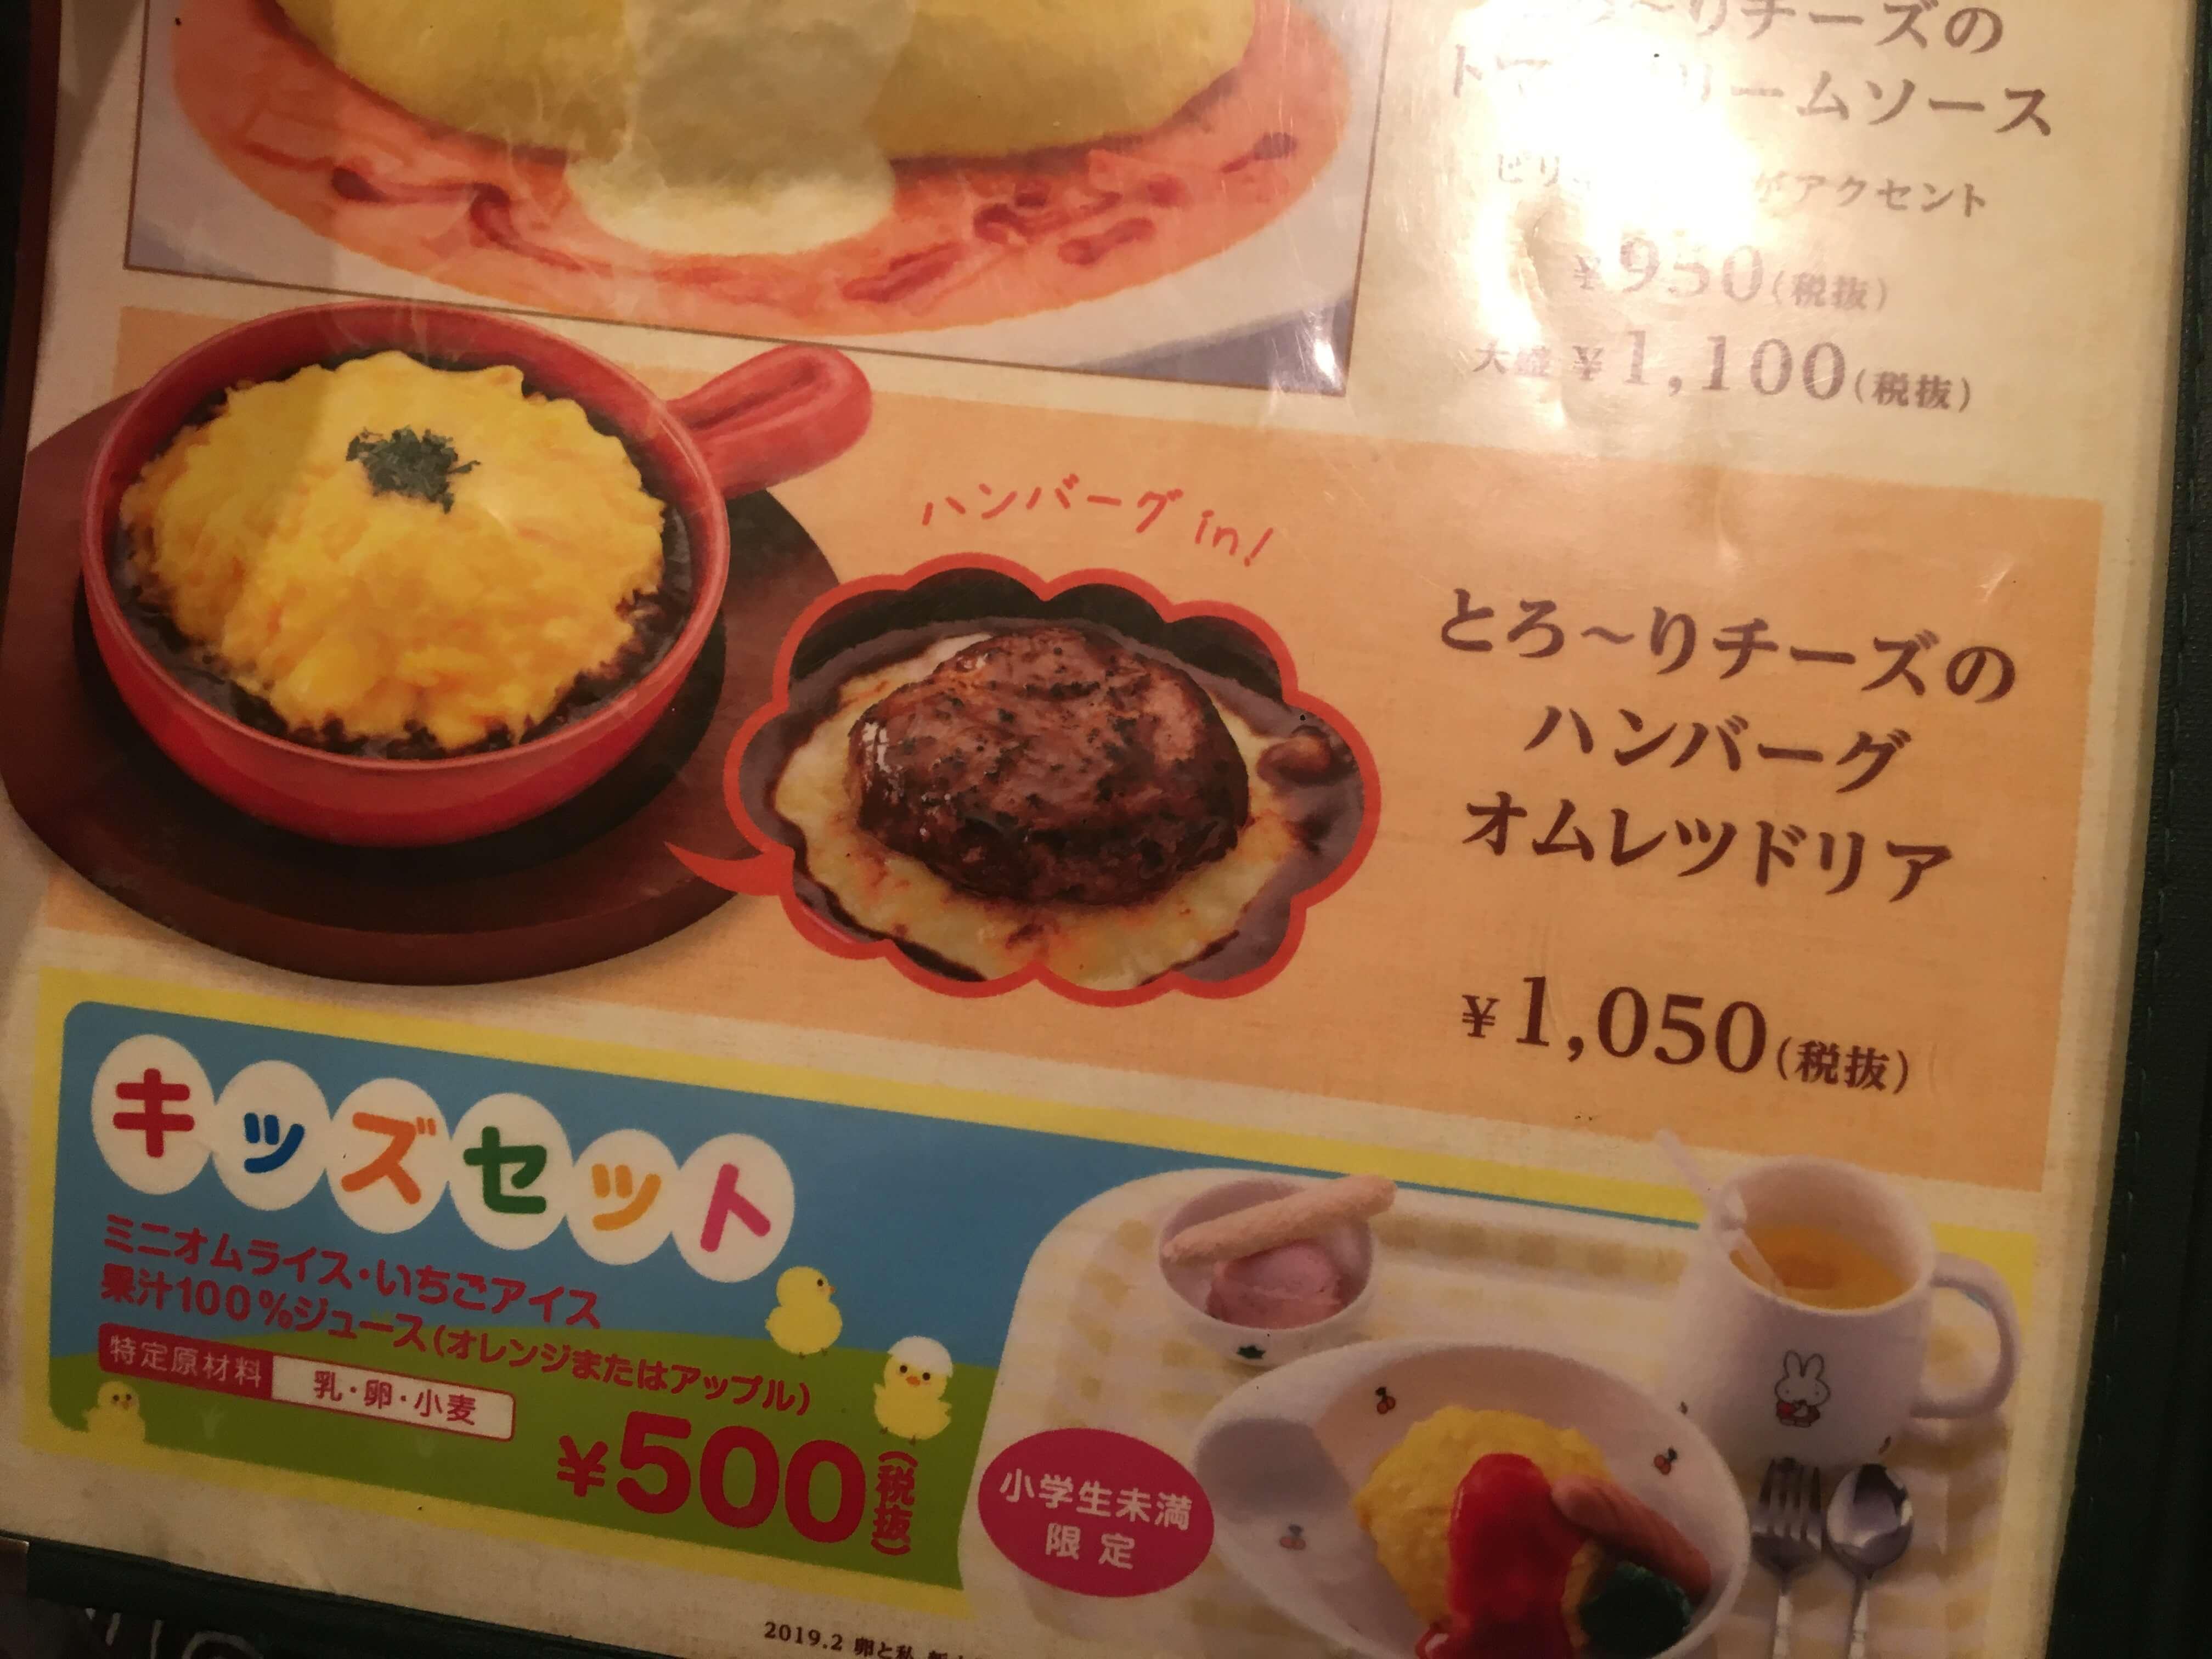 卵と私 札幌アピア店のメニュー(とろ〜りチーズのハンバーグ オムレツドリア・キッズセット)